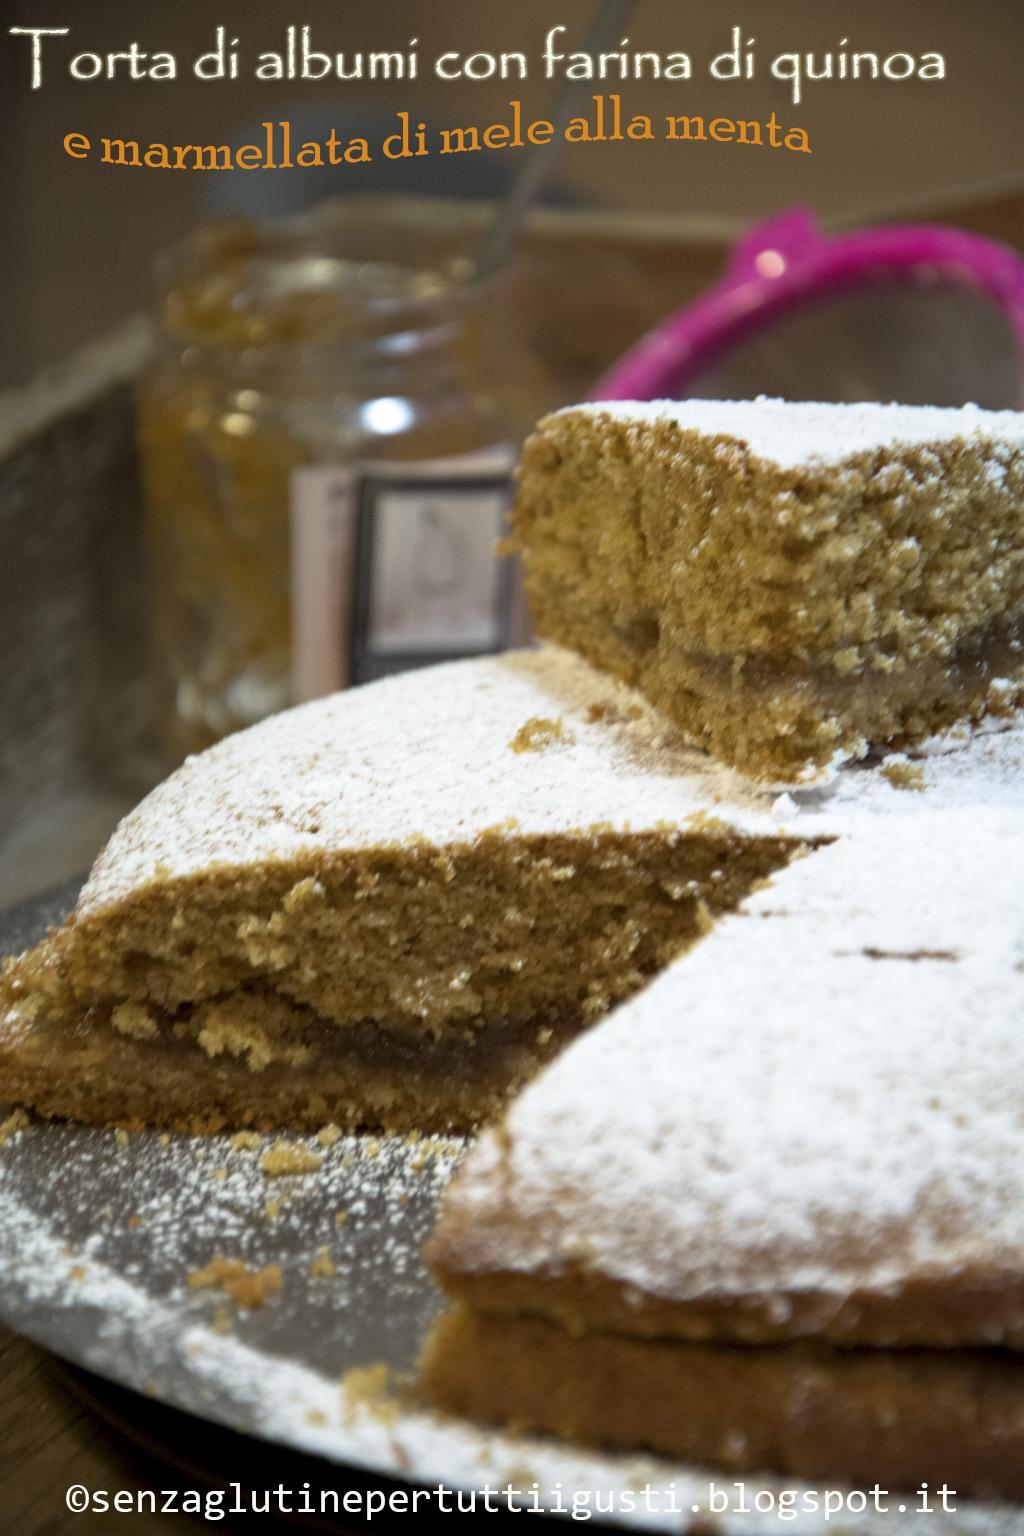 torta di albumi con farina di quinoa e marmellata di mele alla menta (con bimby)